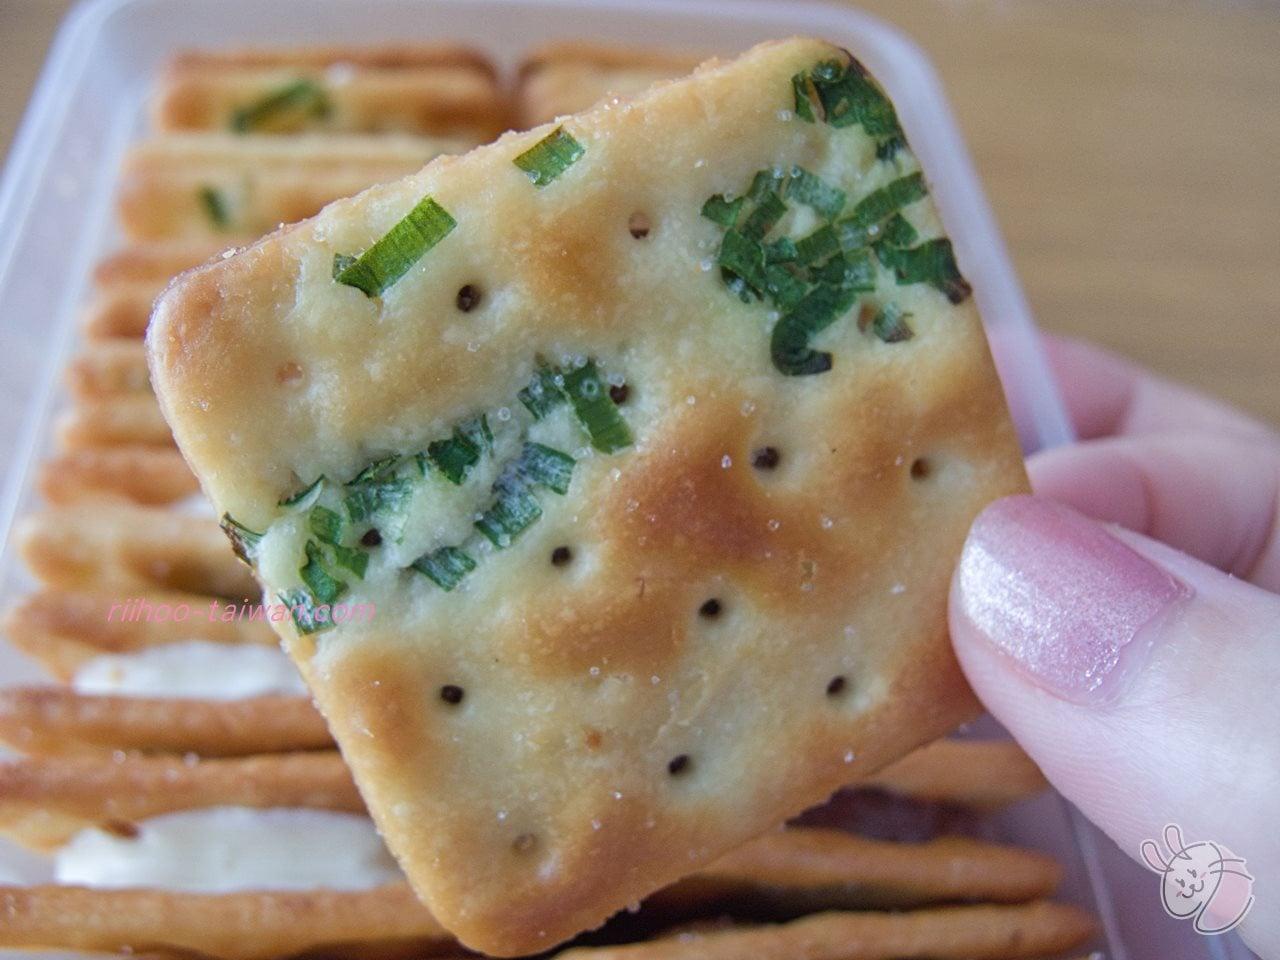 佳徳糕餅(ChiaTe)  葱軋餅 葱入りクラッカーの表面には、塩のつぶつぶ